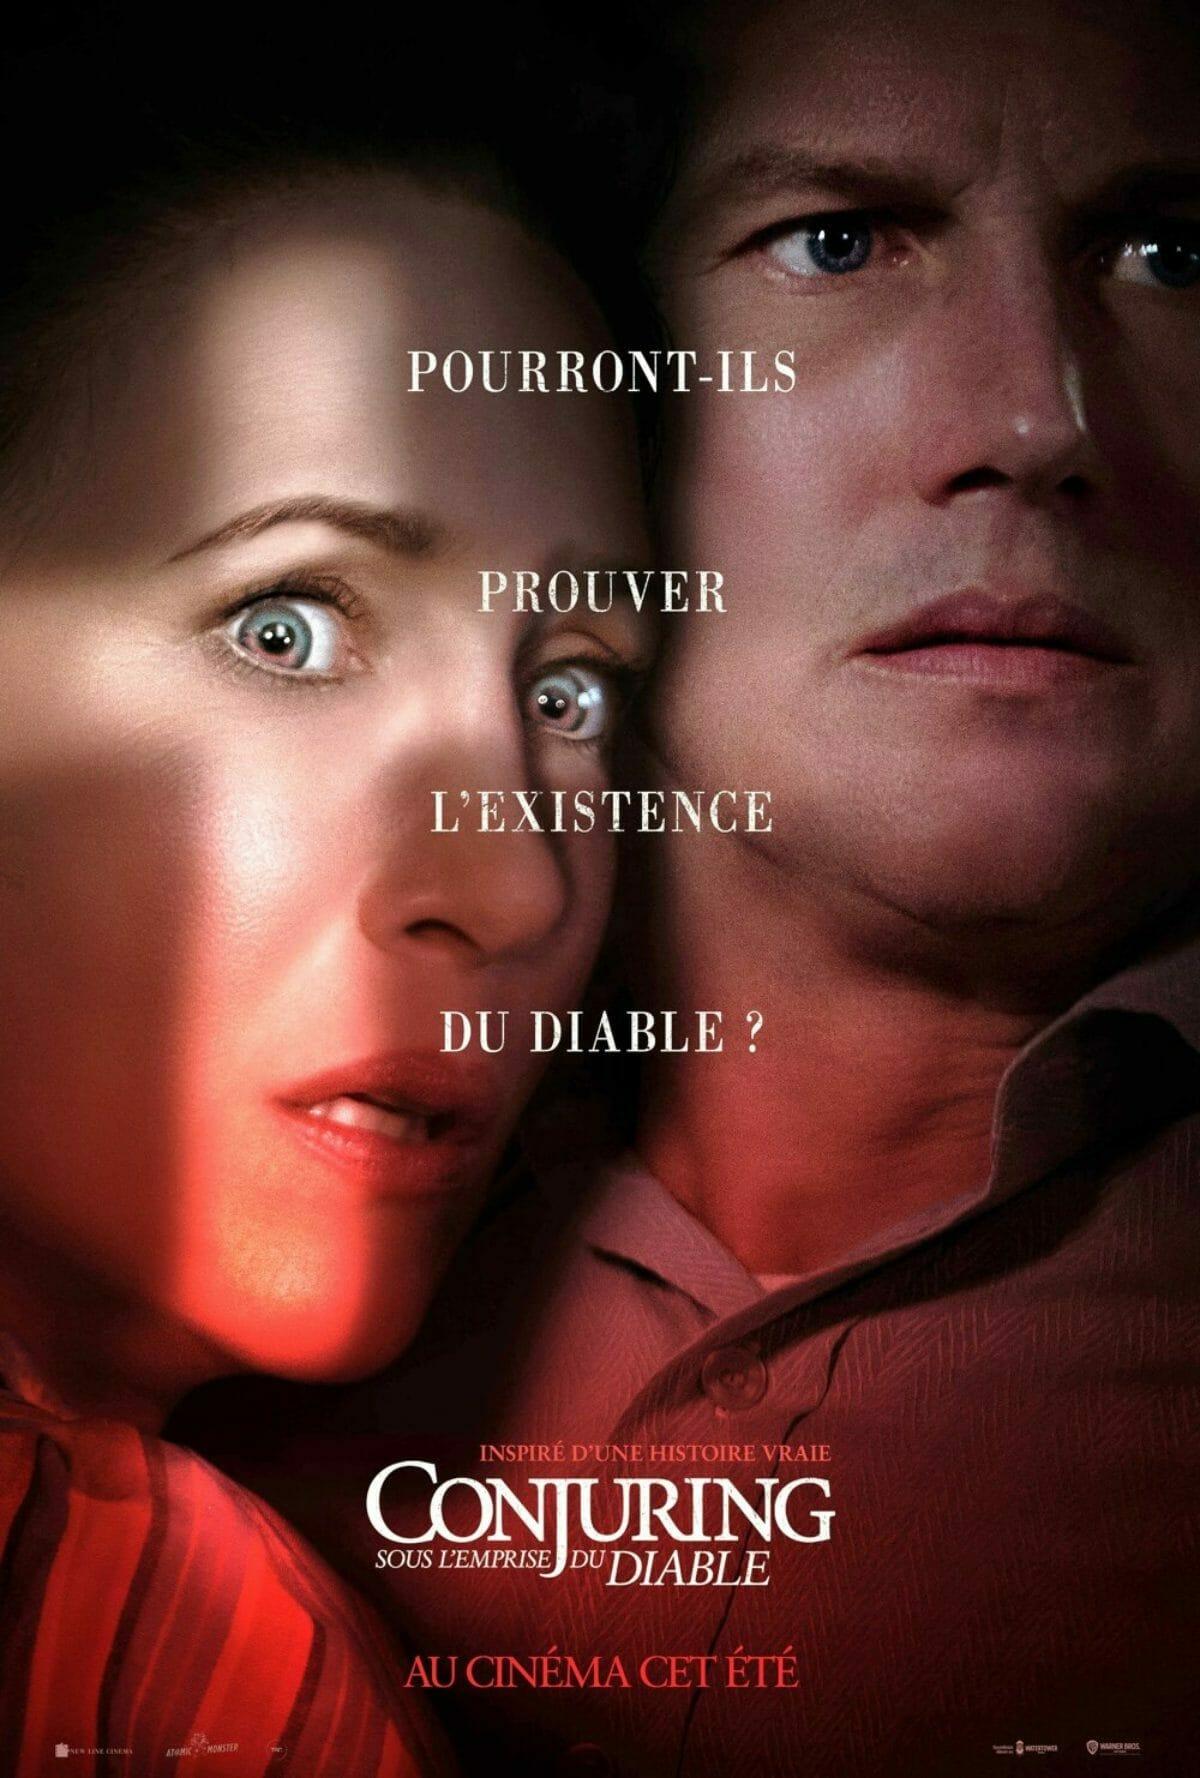 Conjuring-3-sous-lemprise-du-diable-poster